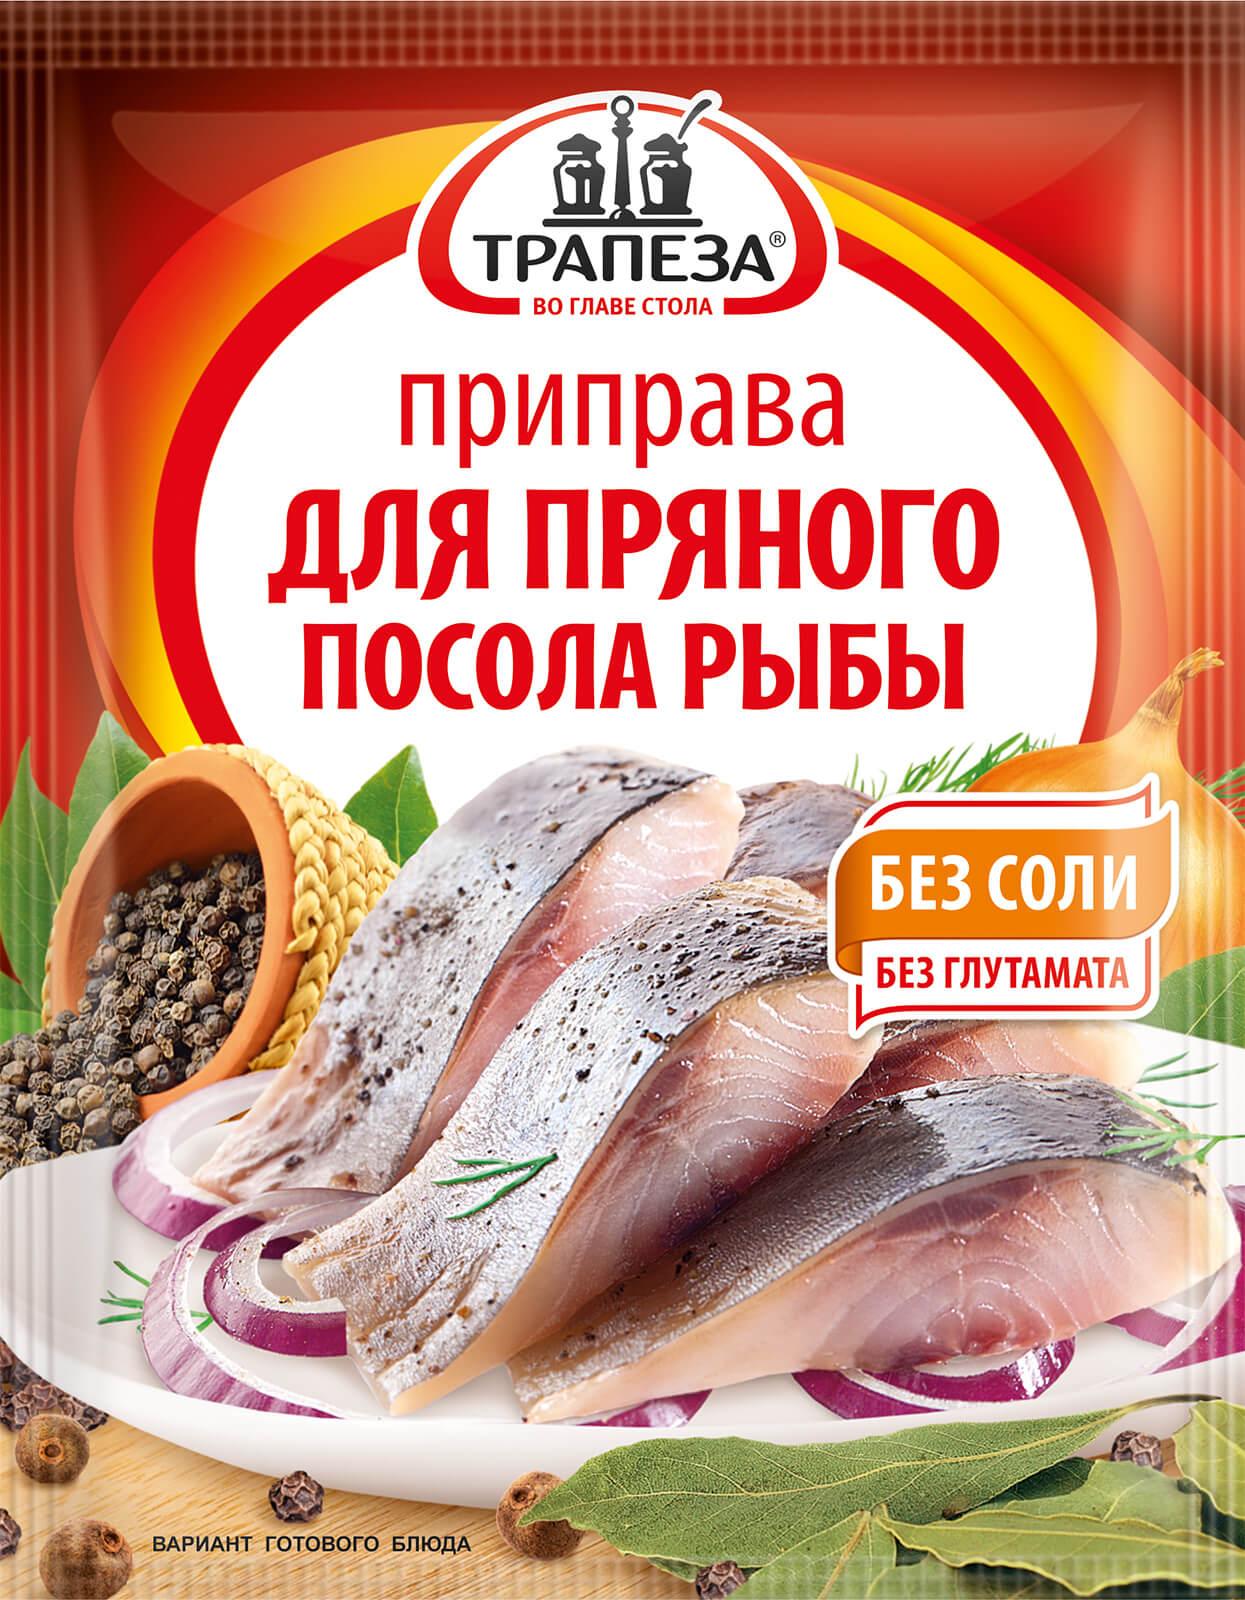 Приправа для пряного посола рыбы Трапеза 15г.